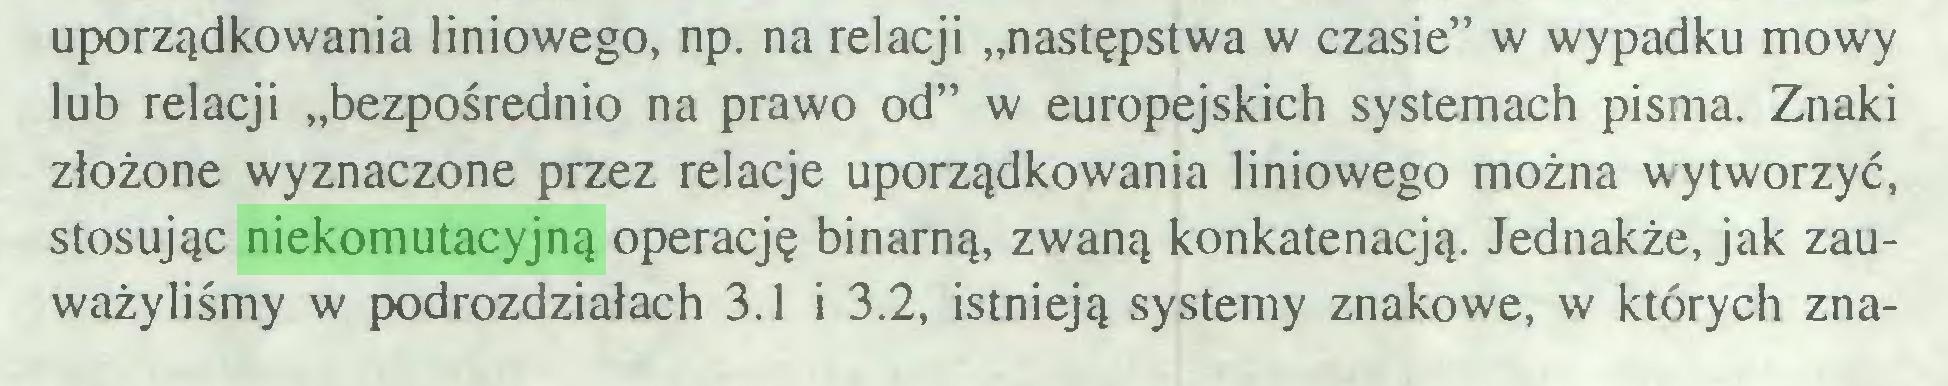 """(...) uporządkowania liniowego, np. na relacji """"następstwa w czasie"""" w wypadku mowy lub relacji """"bezpośrednio na prawo od"""" w europejskich systemach pisma. Znaki złożone wyznaczone przez relacje uporządkowania liniowego można wytworzyć, stosując niekomutacyjną operację binarną, zwaną konkatenacją. Jednakże, jak zauważyliśmy w podrozdziałach 3.1 i 3.2, istnieją systemy znakowe, w których zna..."""